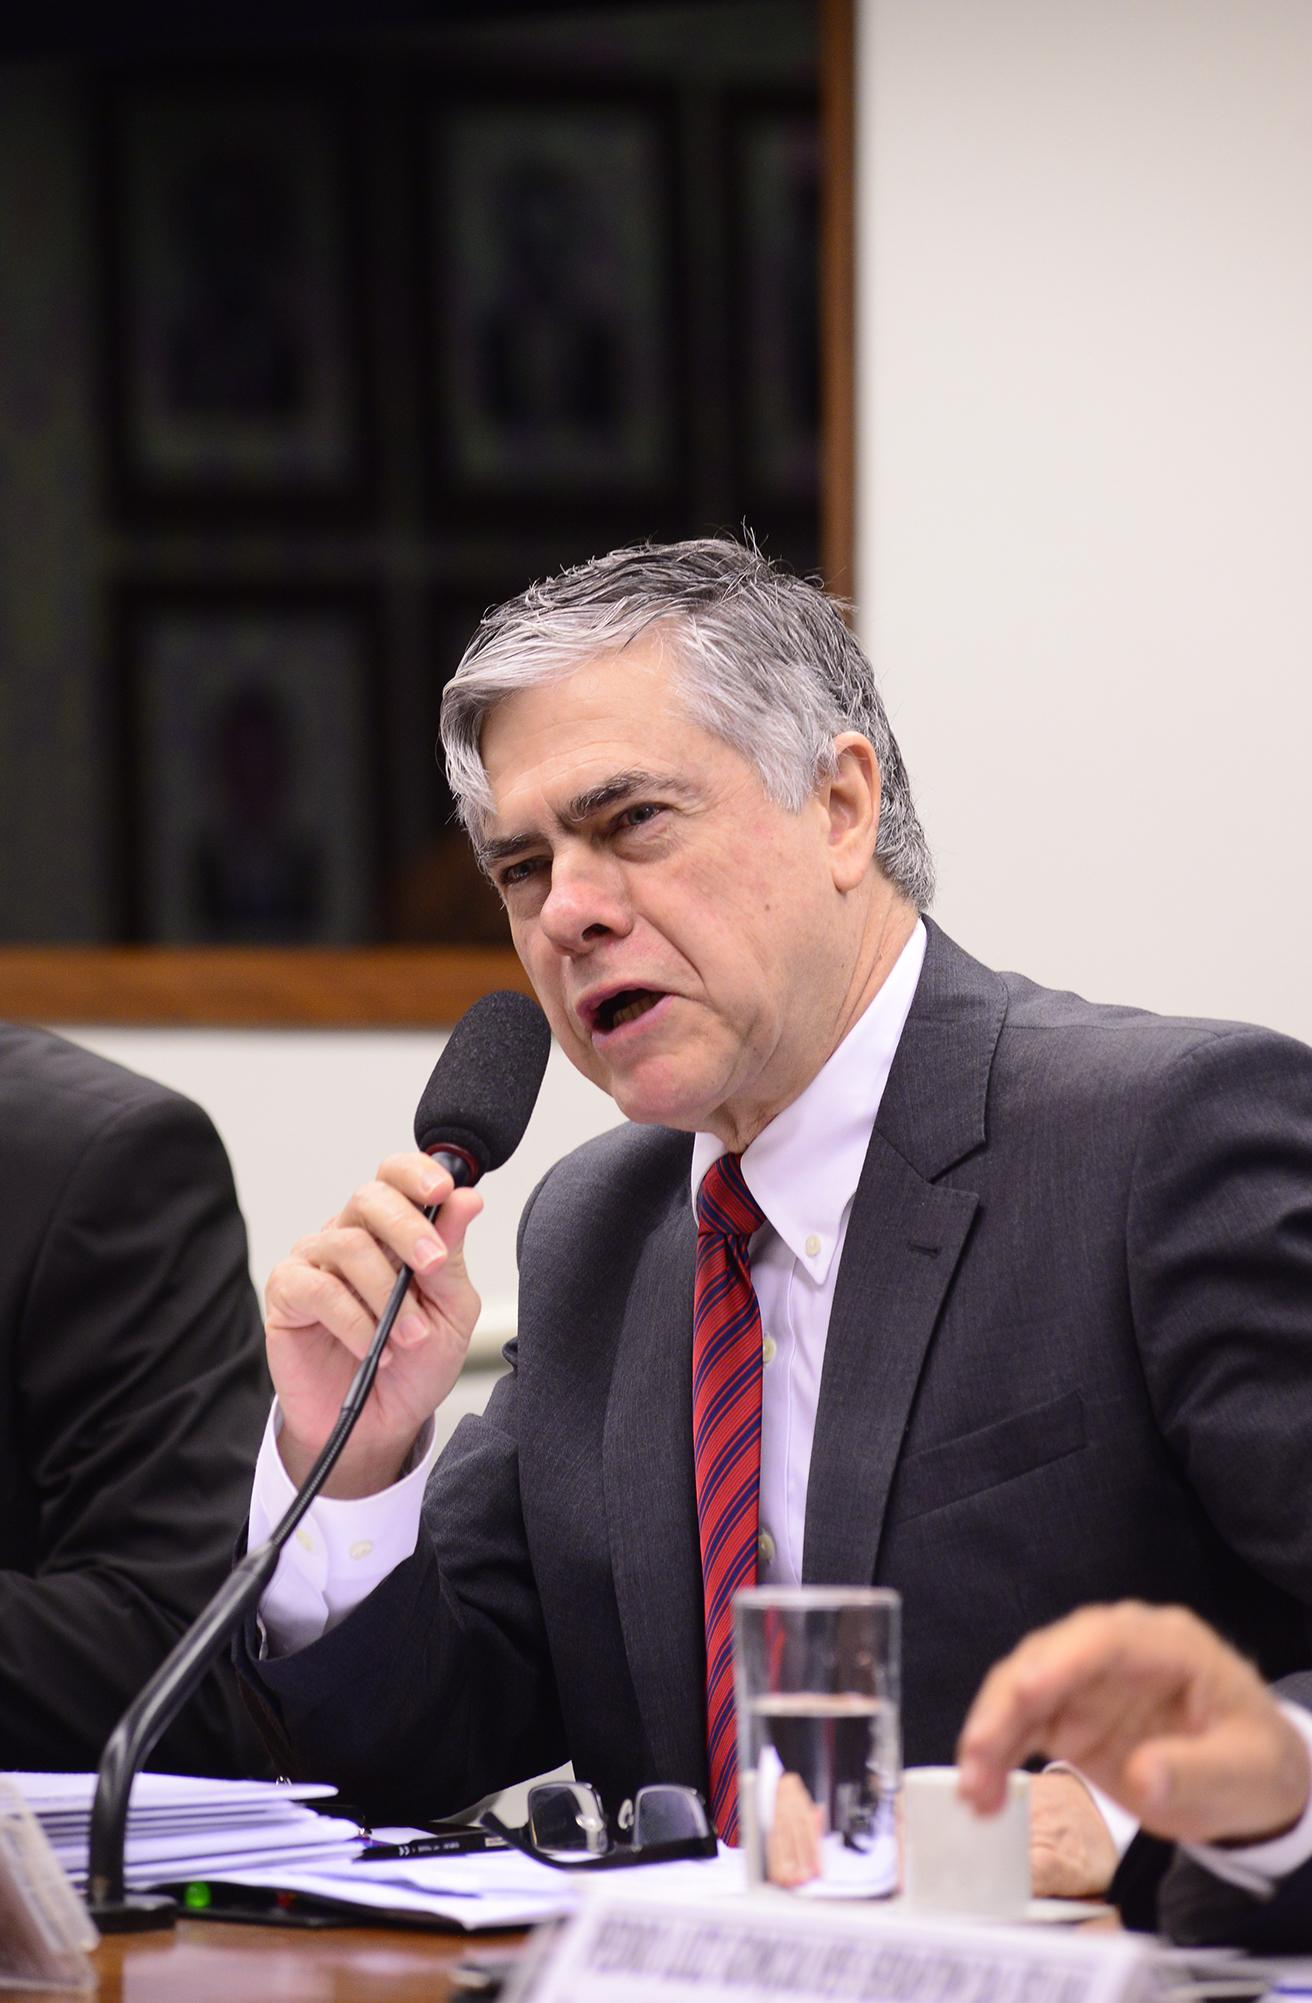 Audiência pública sobre os impactos dos agrotóxicos na saúde e no meio ambiente. Dep. Augusto Carvalho (SD-DF)